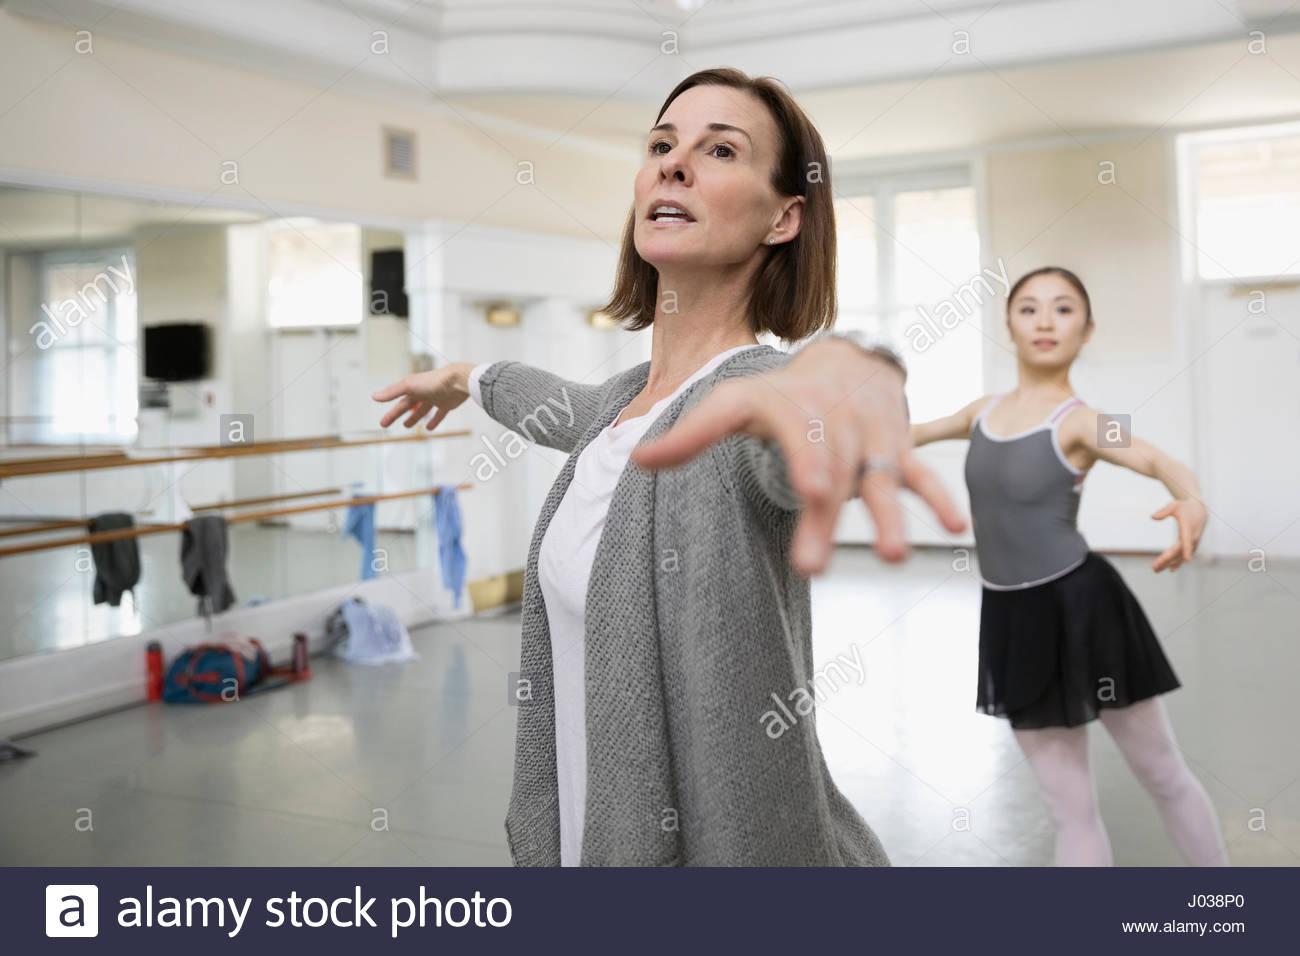 Femmina Guida istruttore ballerina la pratica in studio di danza Immagini Stock